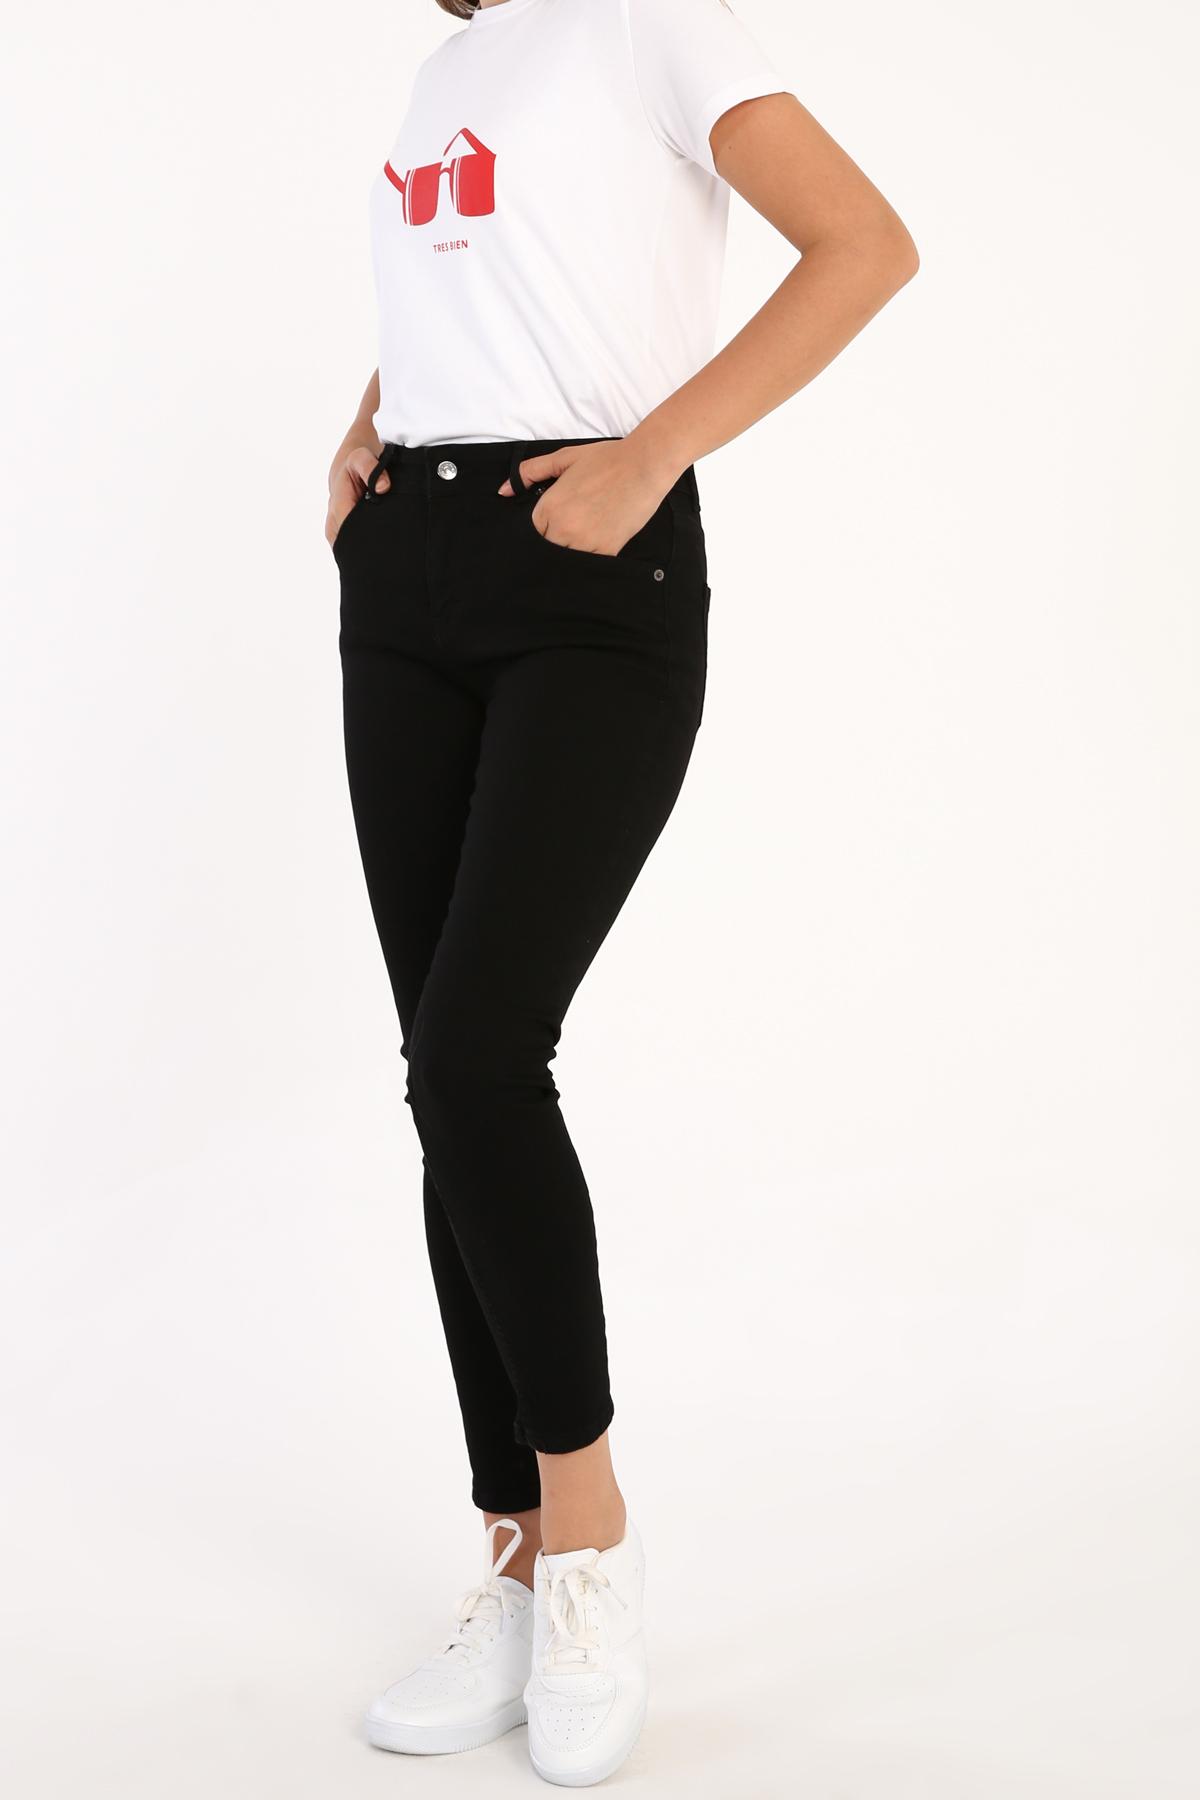 Pocket Modest Pants